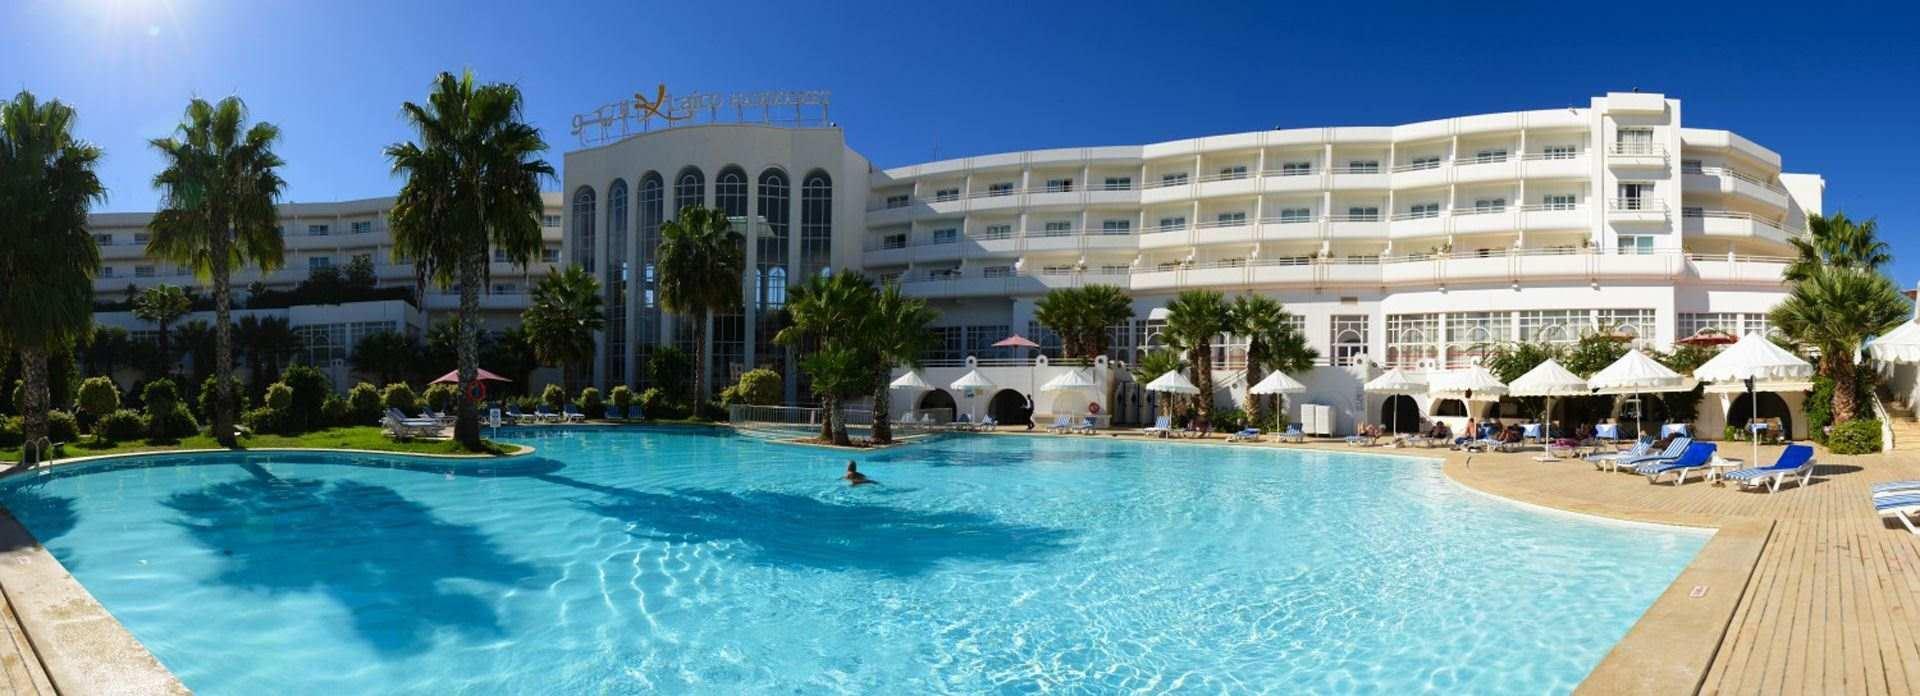 Неделя в Тунисе в отеле 5* по системе